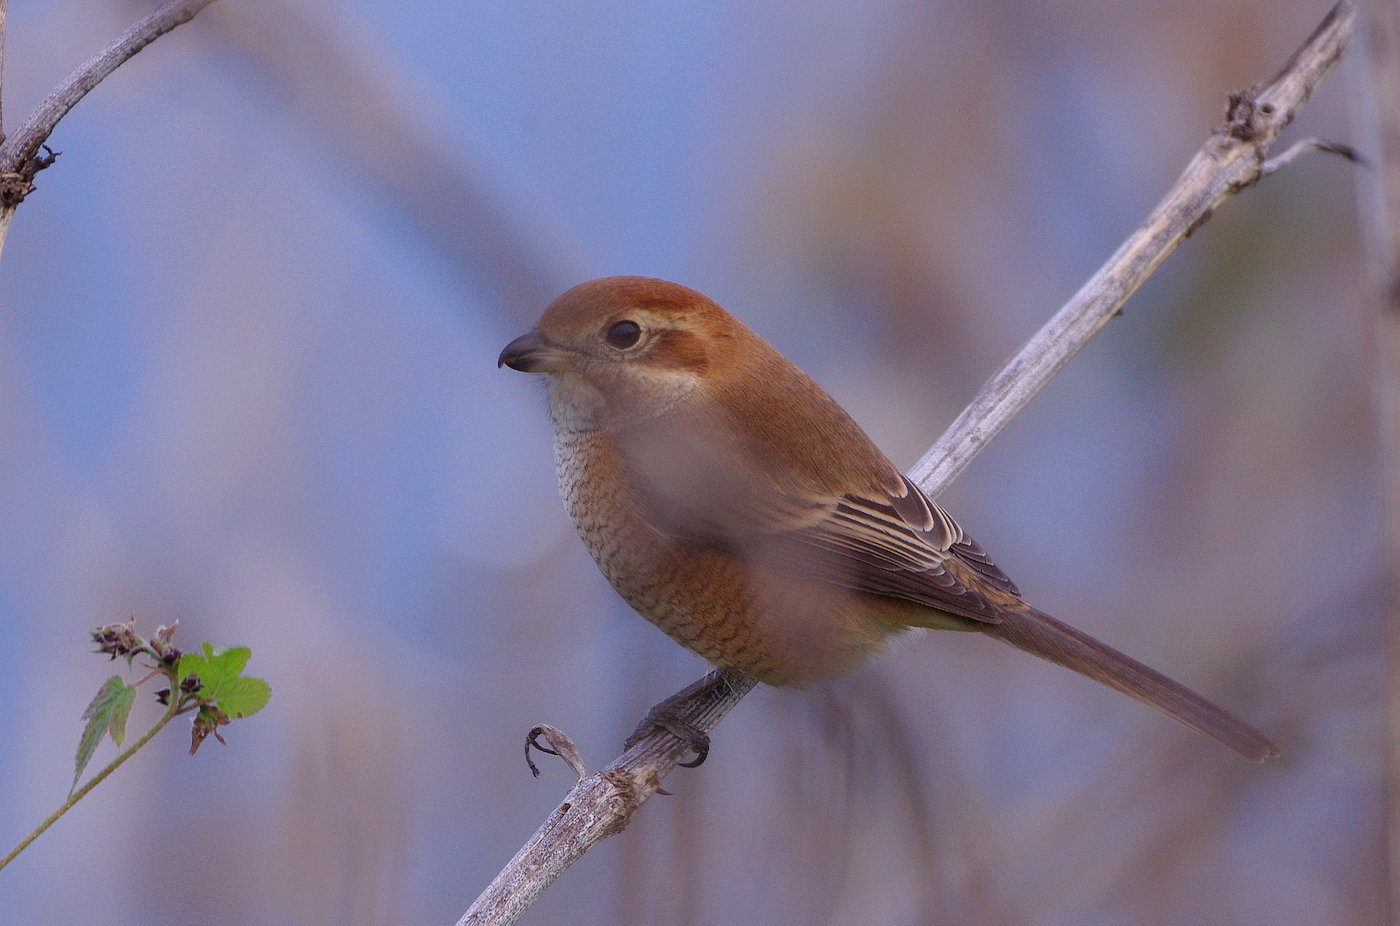 AFボーグ BORG71FLで撮影した野鳥・モズの写真画像